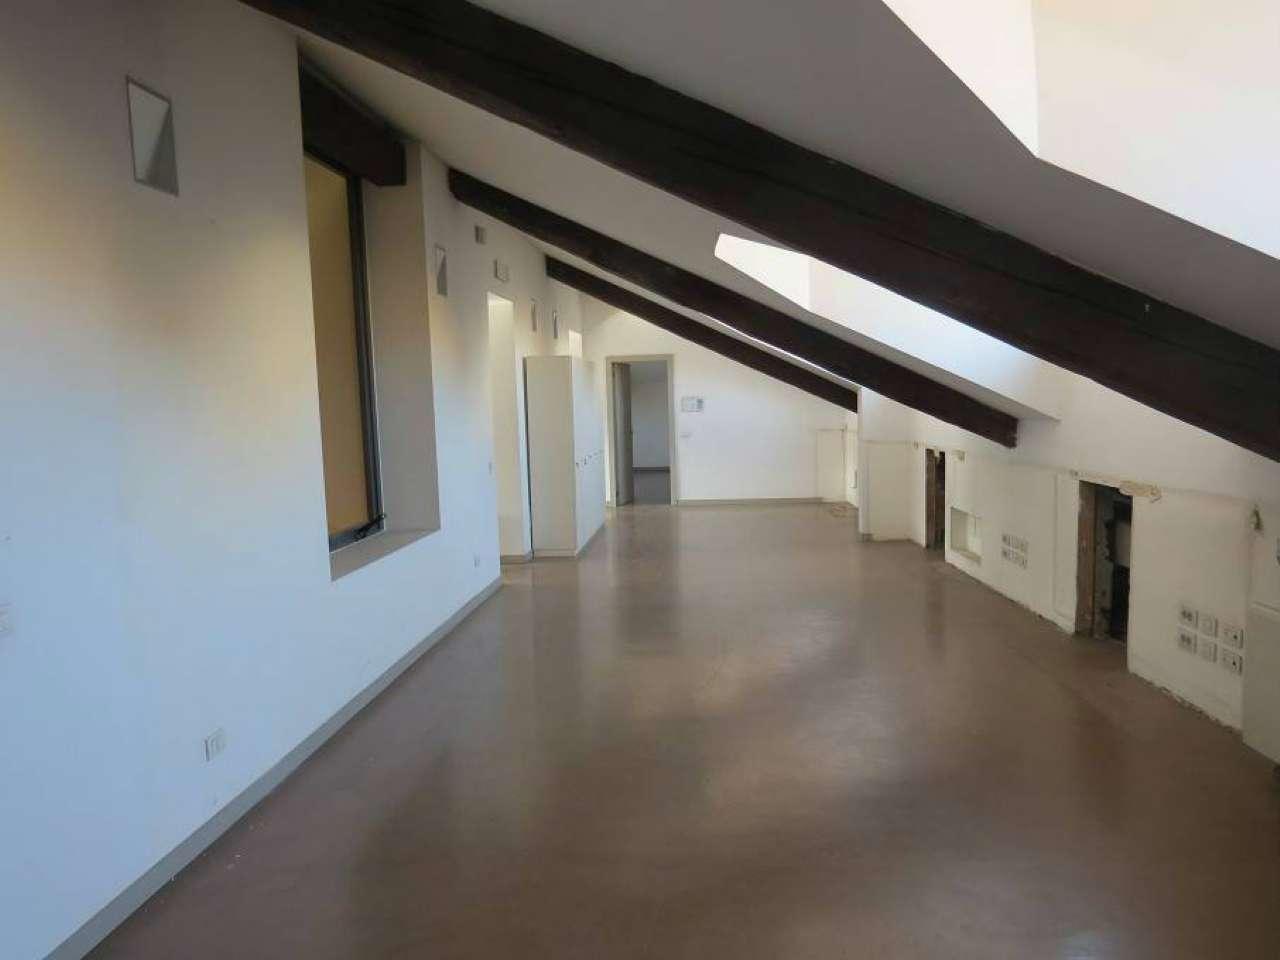 Ufficio-studio in Vendita a Milano 16 Savona / San Cristoforo / Napoli / Coni Zugna: 4 locali, 134 mq